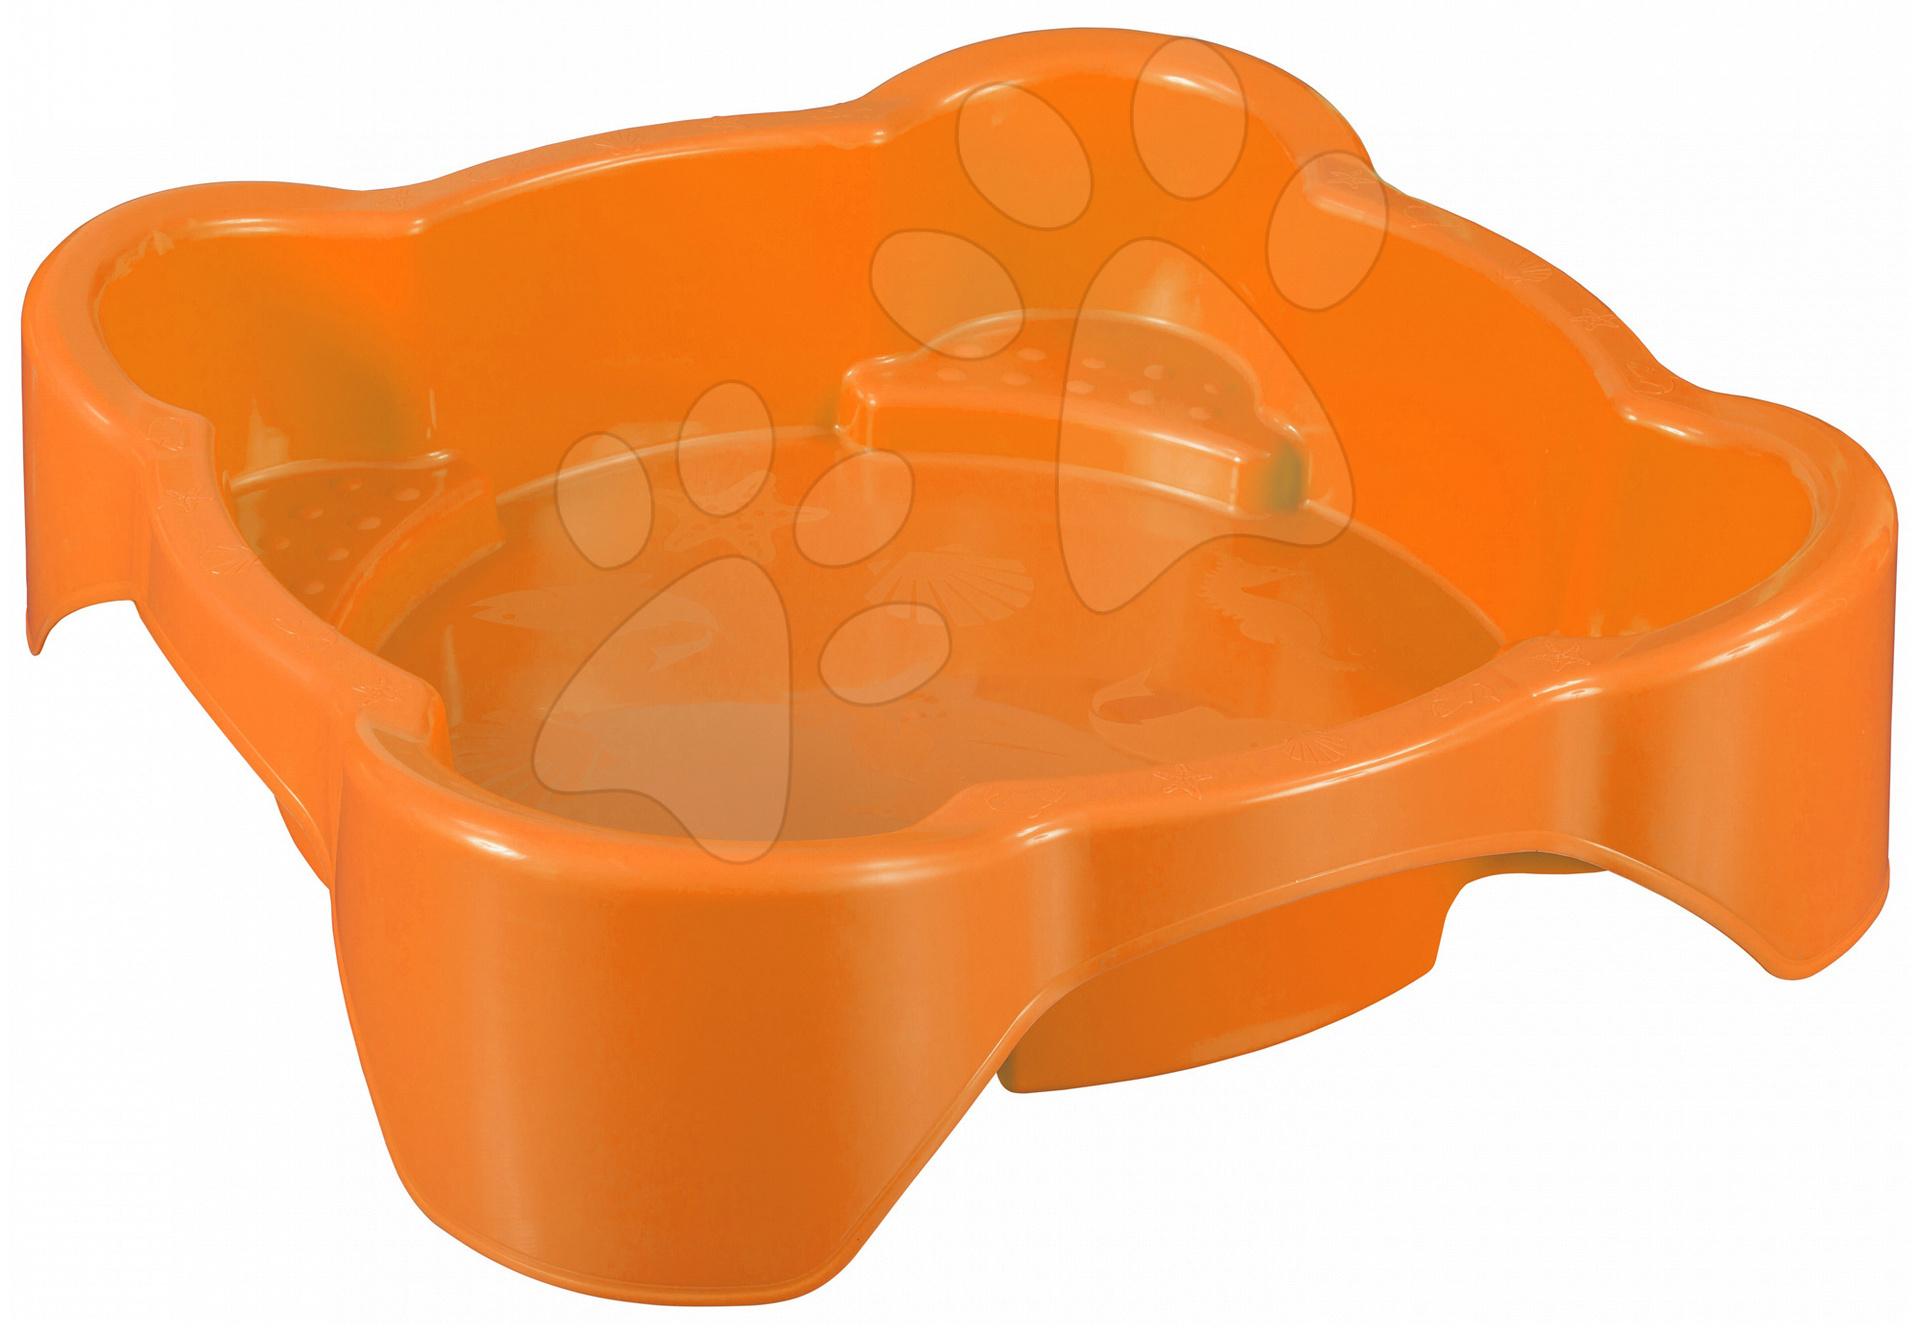 Pieskoviská pre deti - Pieskovisko Kvet PalPlay štvorec oranžové od 24 mes